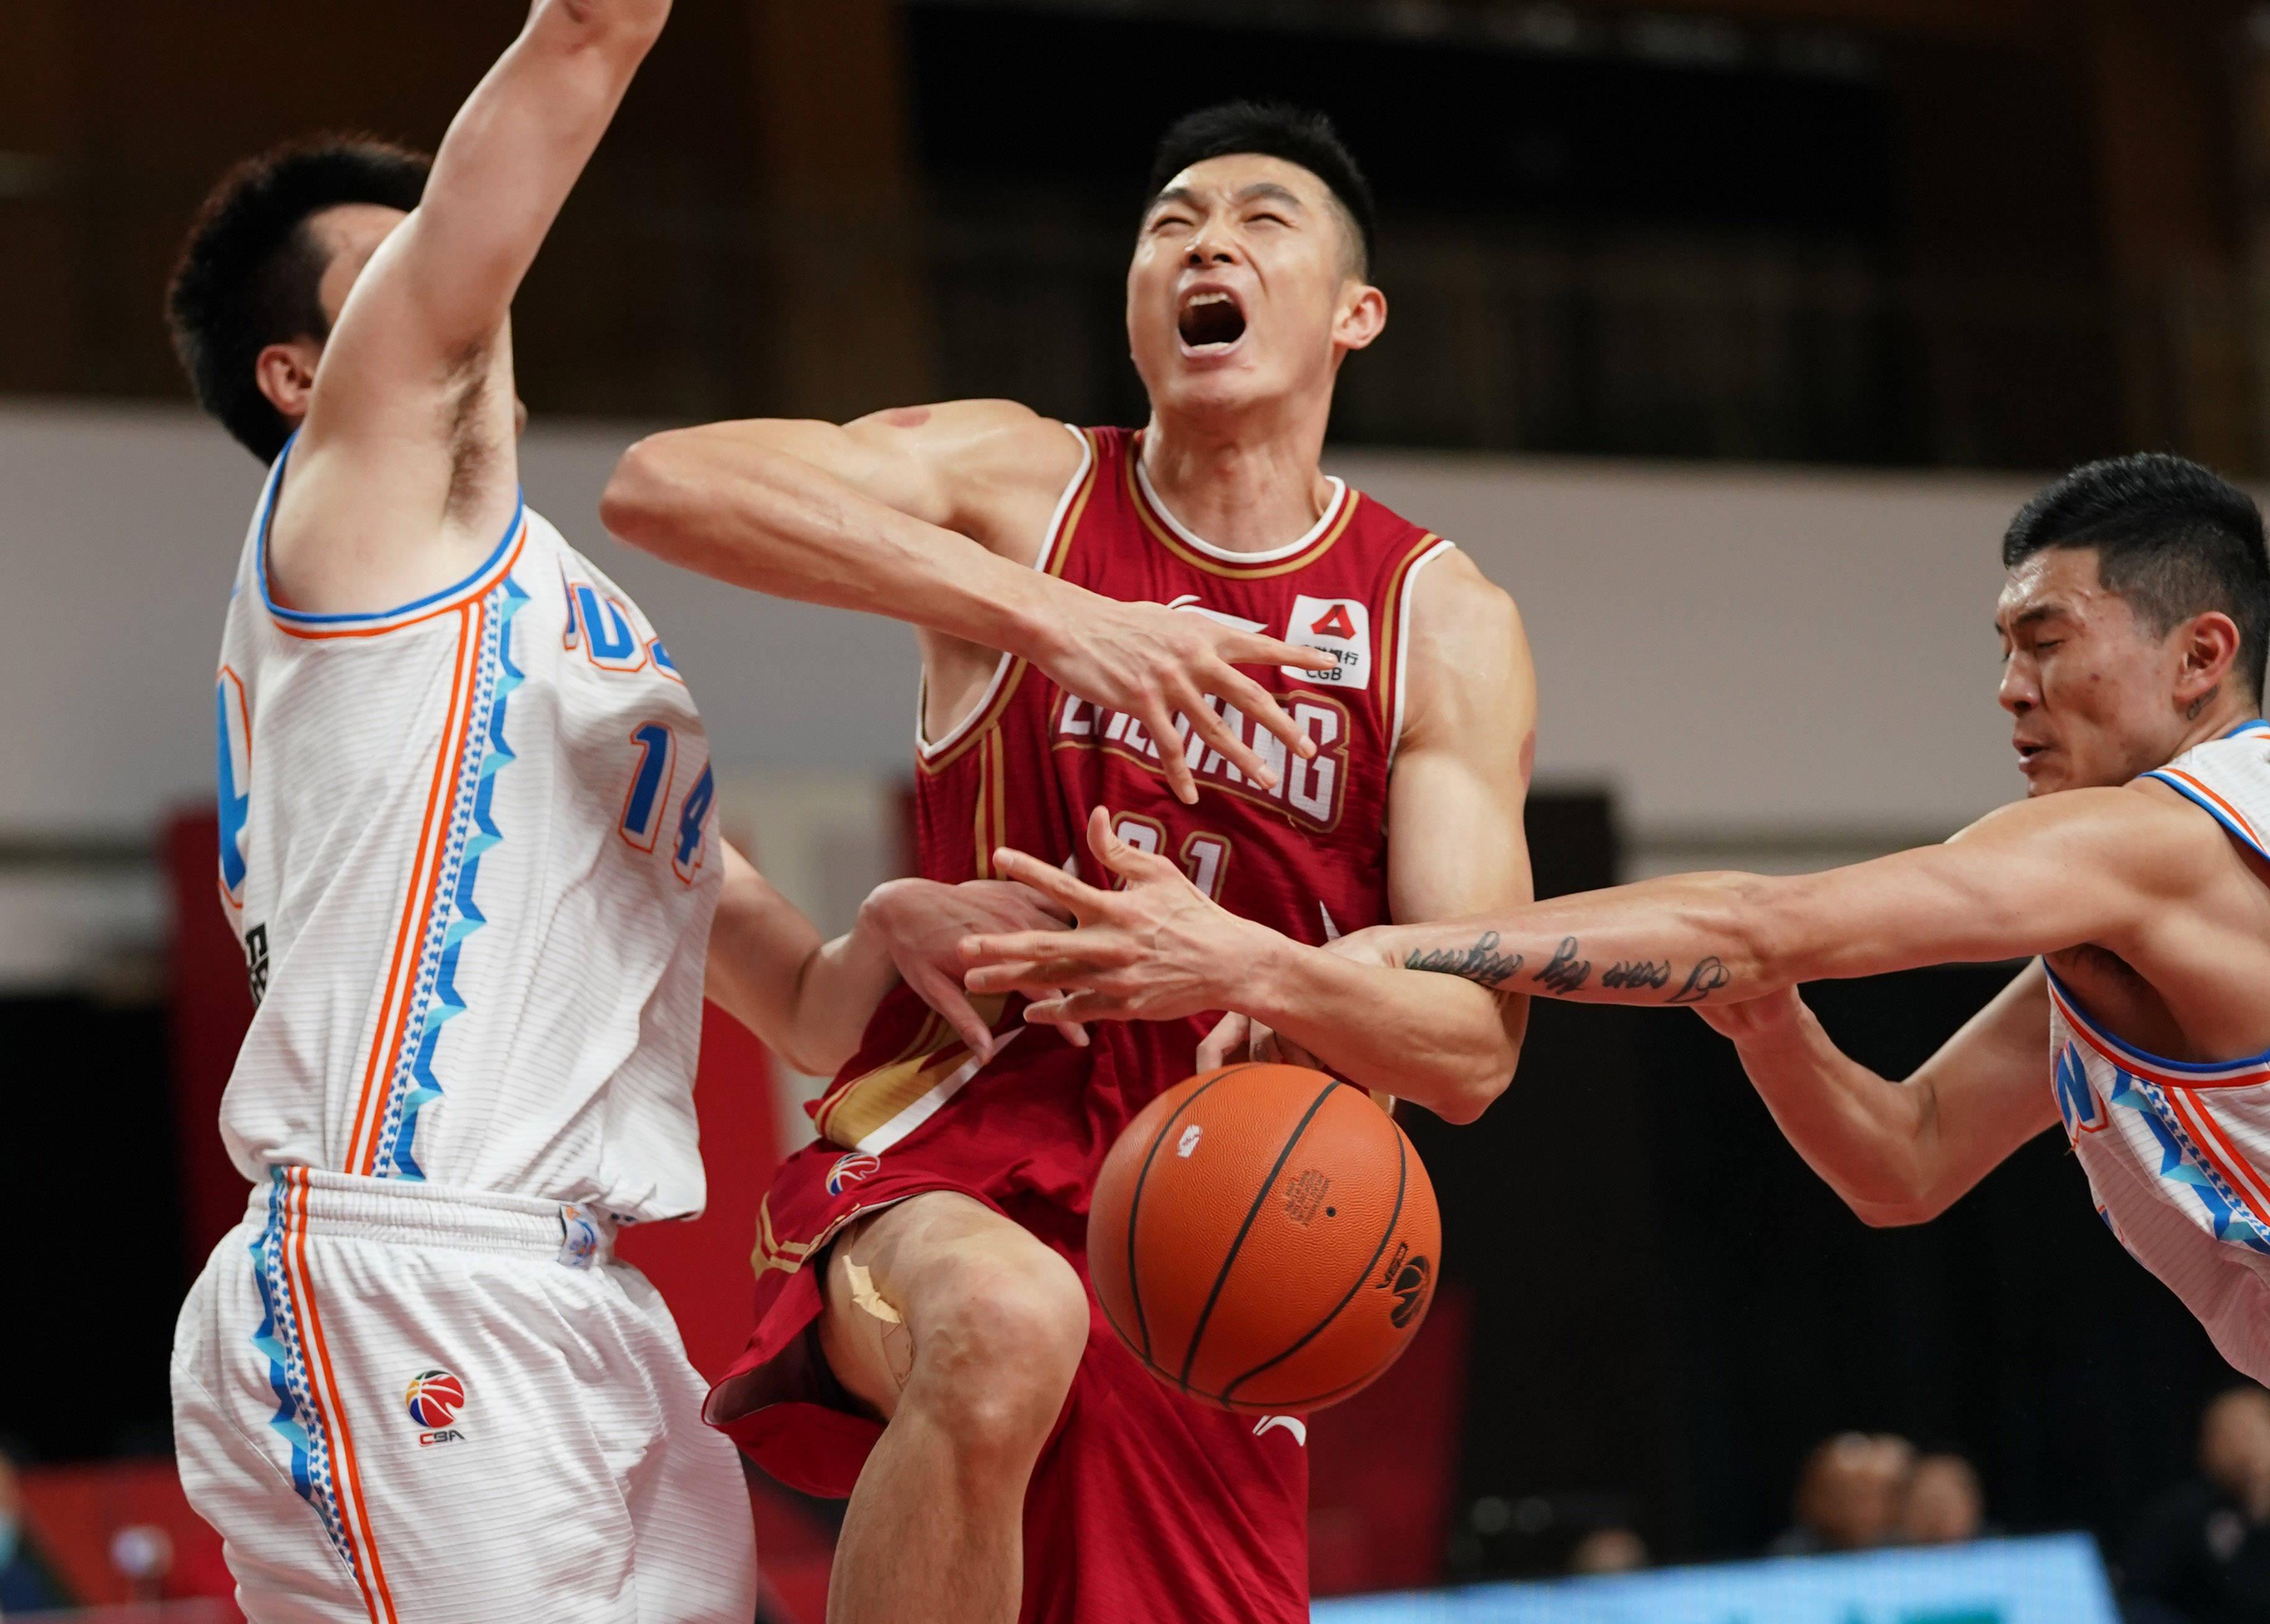 篮球——CBA常规赛第四阶段:浙江稠州金租战胜福建豹发力